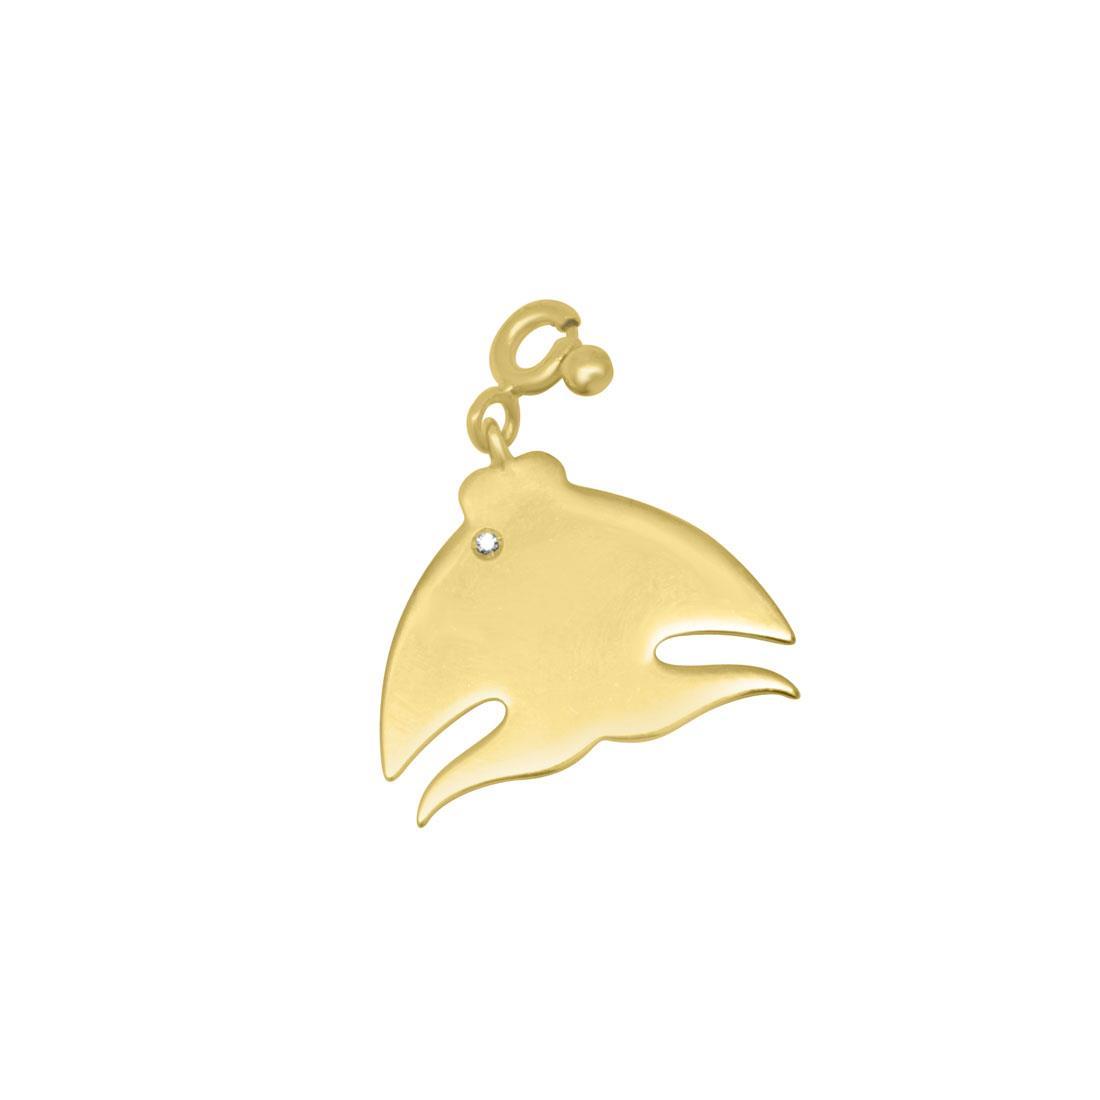 Ciondolo in oro giallo con diamante ct 0.01, misura 2 x2 cm - PASQUALE BRUNI